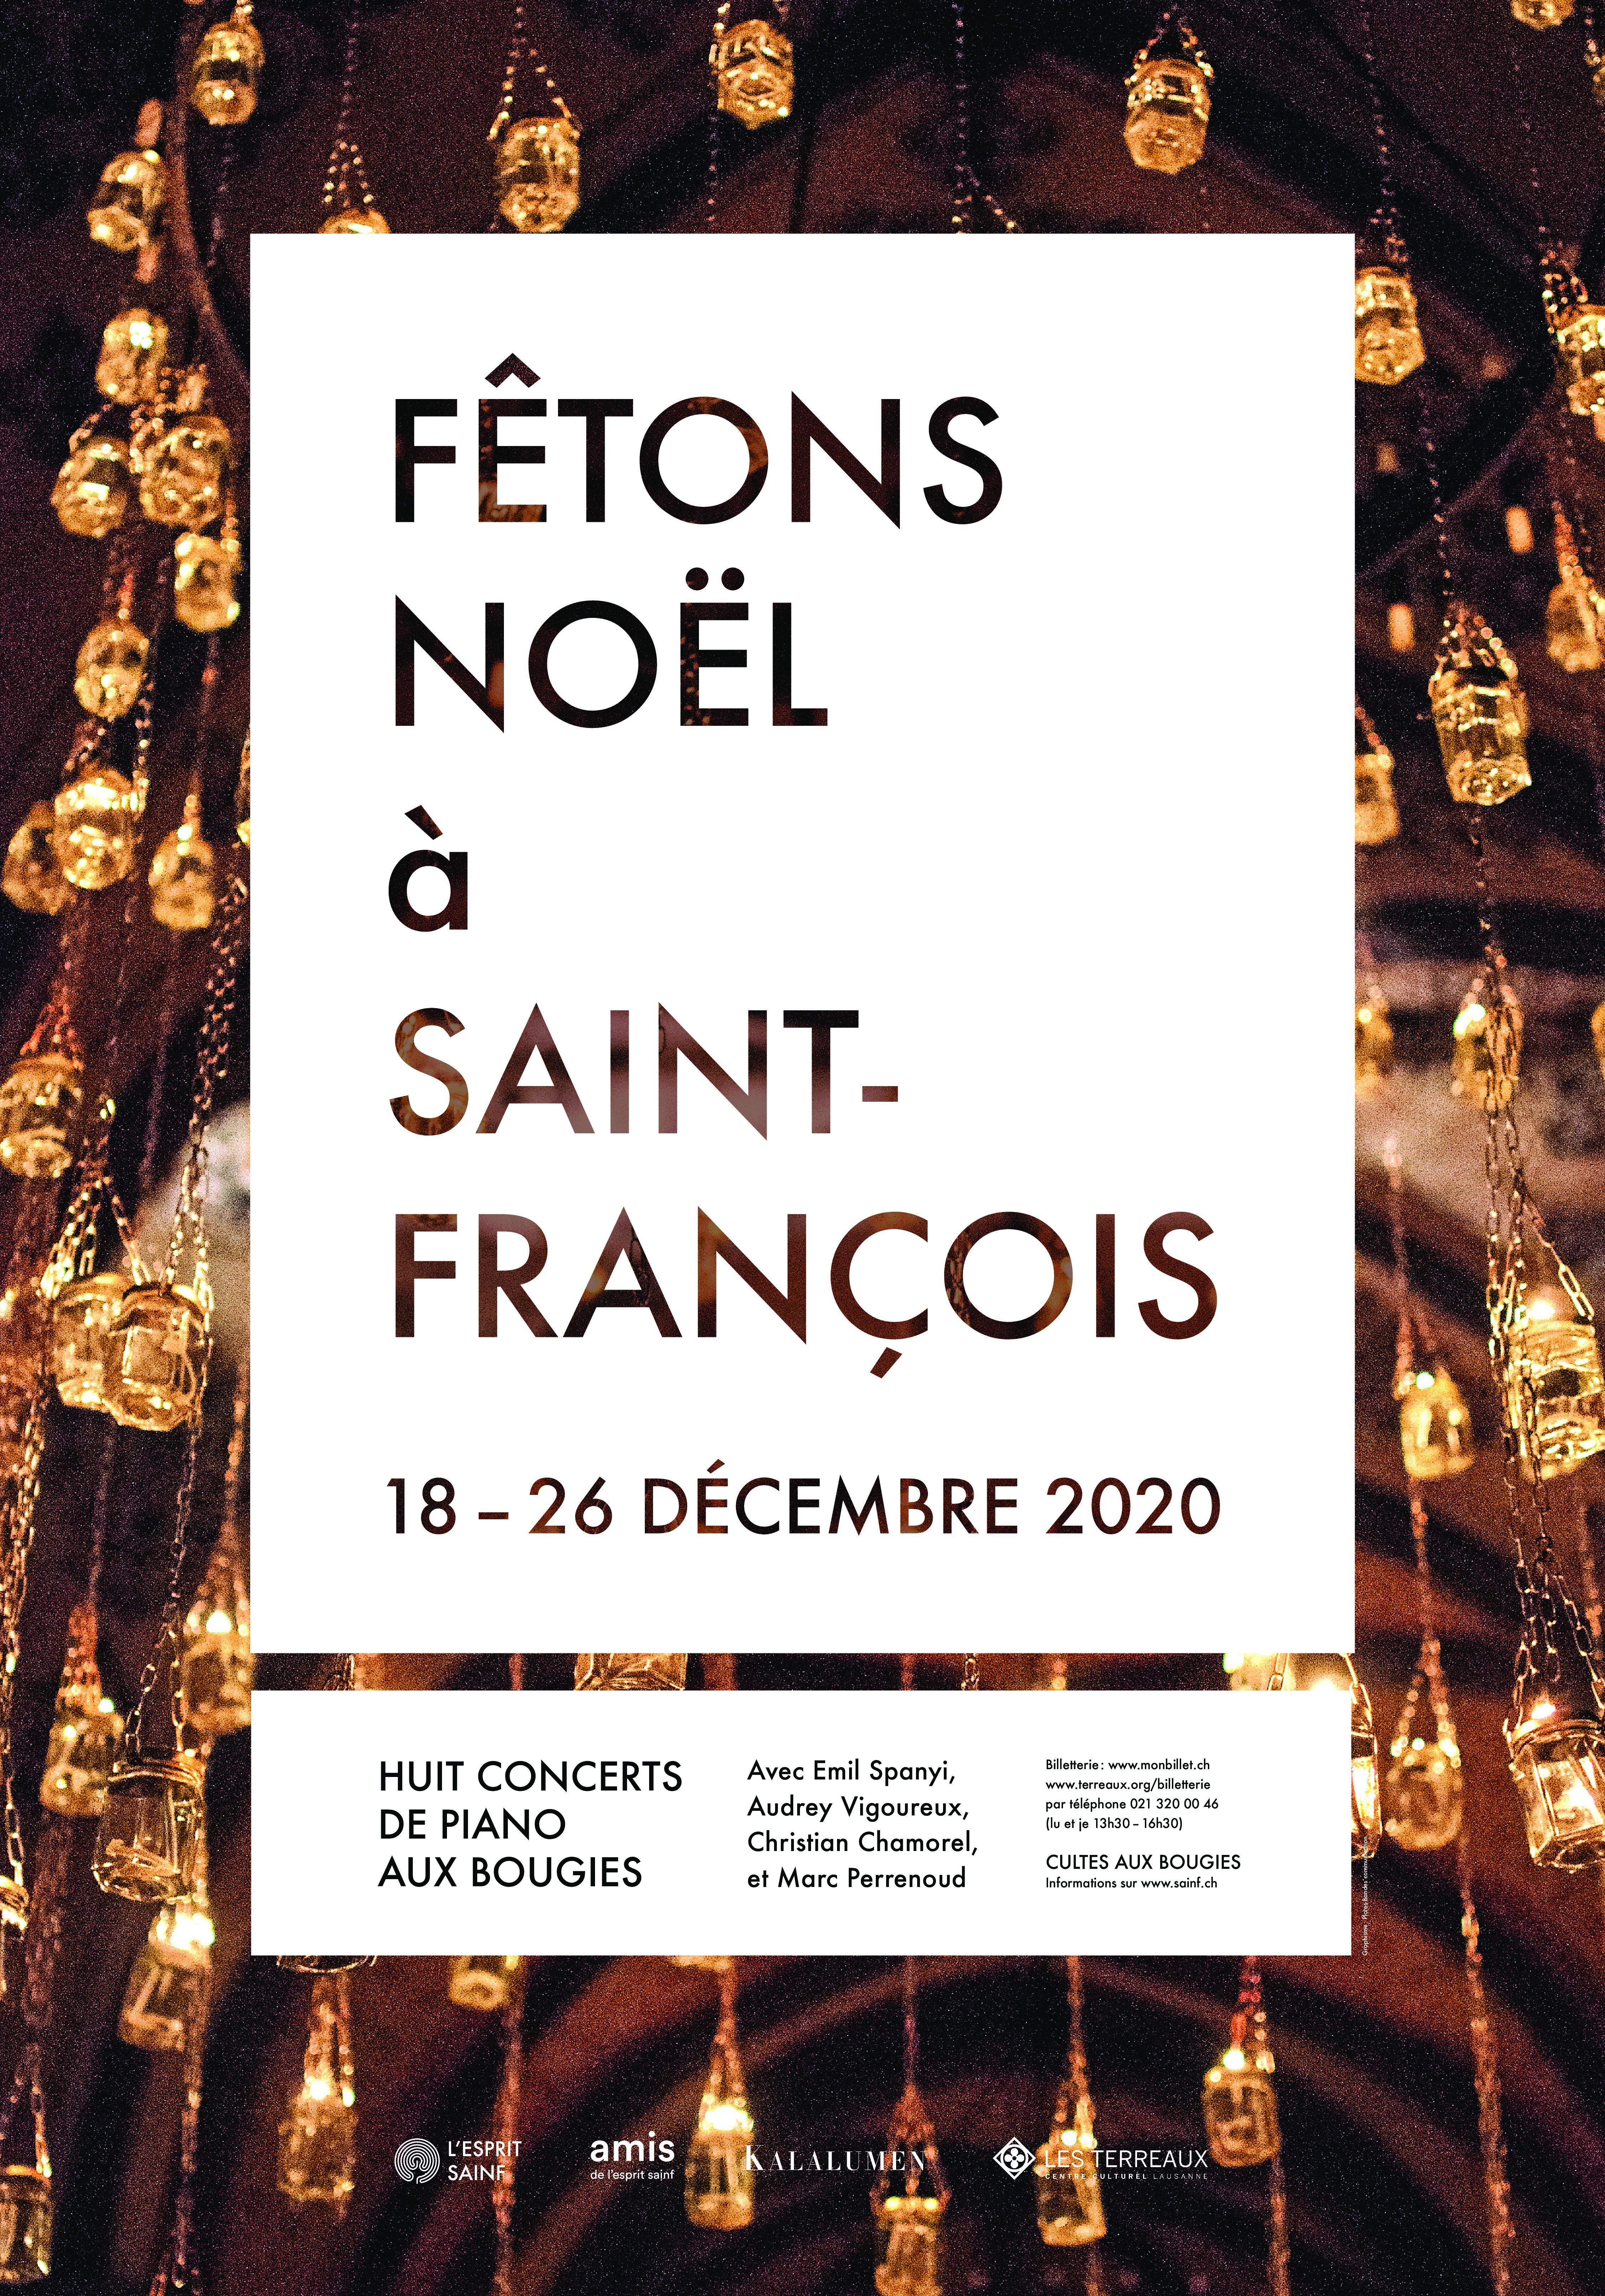 Noël aux bougies à Saint-François